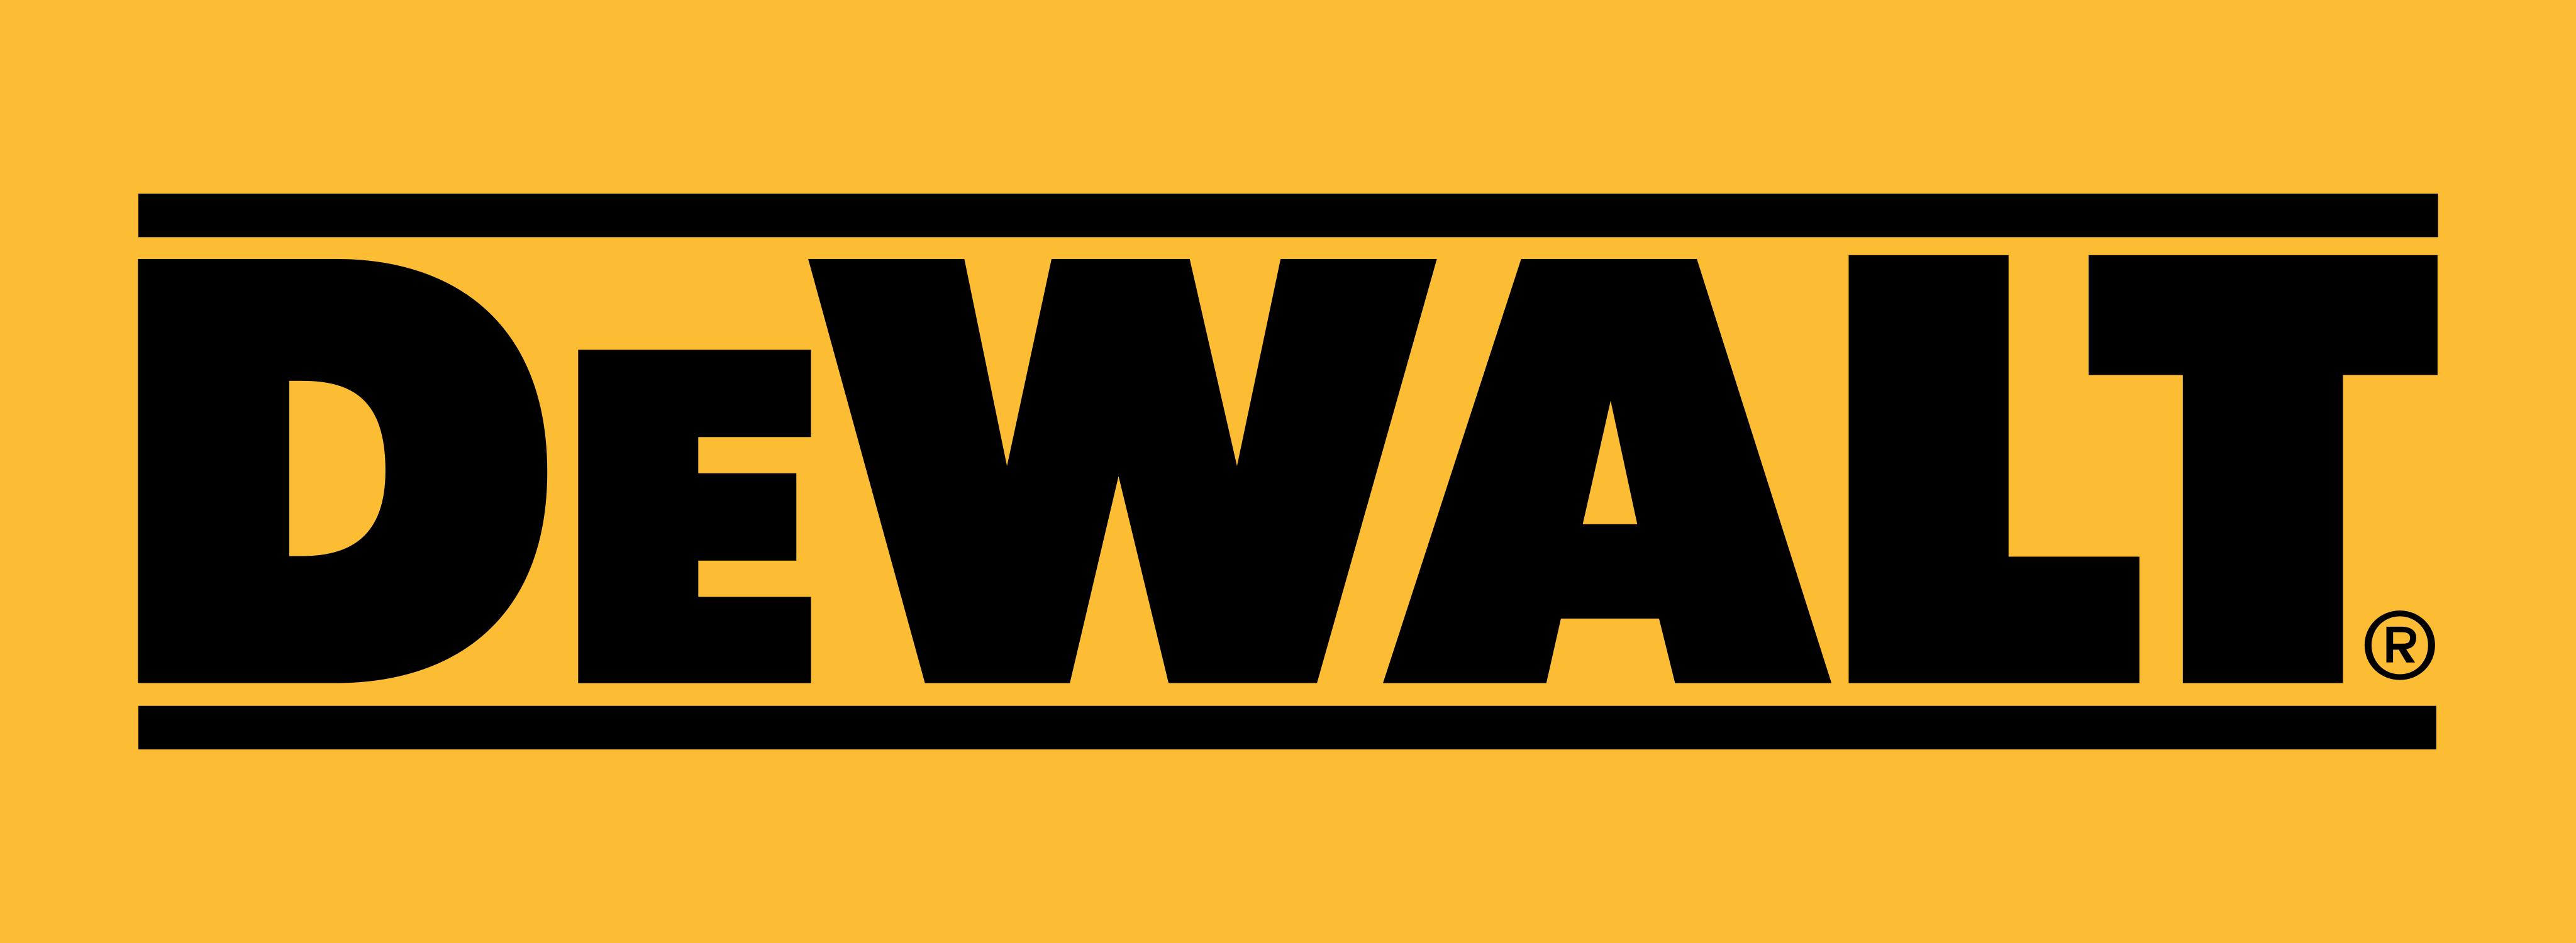 dewalt logo - Dewalt Logo